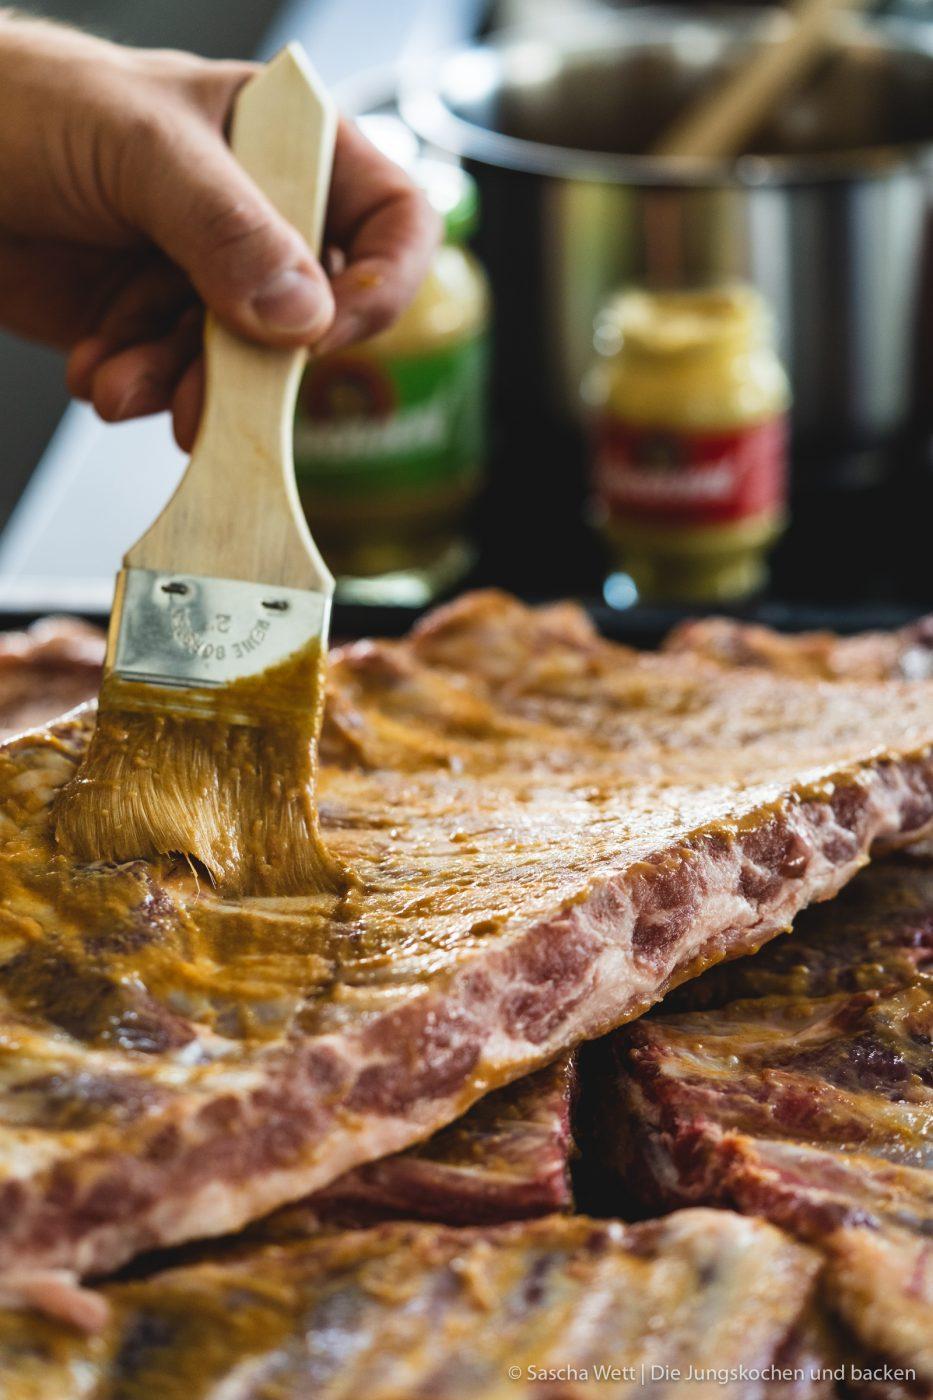 Spare Rips  L%C3%AEwensenf BBQ 1 | Heute haben wir es endlich geschafft, eines unserer liebsten Grillgerichte auf den Blog zu bekommen - saftige Spareribs! Allerdings haben wir sie mal nicht mit einer klassischen BBQ-Sauce mariniert, sondern gemeinsam mit Löwensenf eine super leckere Apfel-Senf-Marinade entwickelt und der fruchtig, scharfe Geschmack ist einfach perfekt.